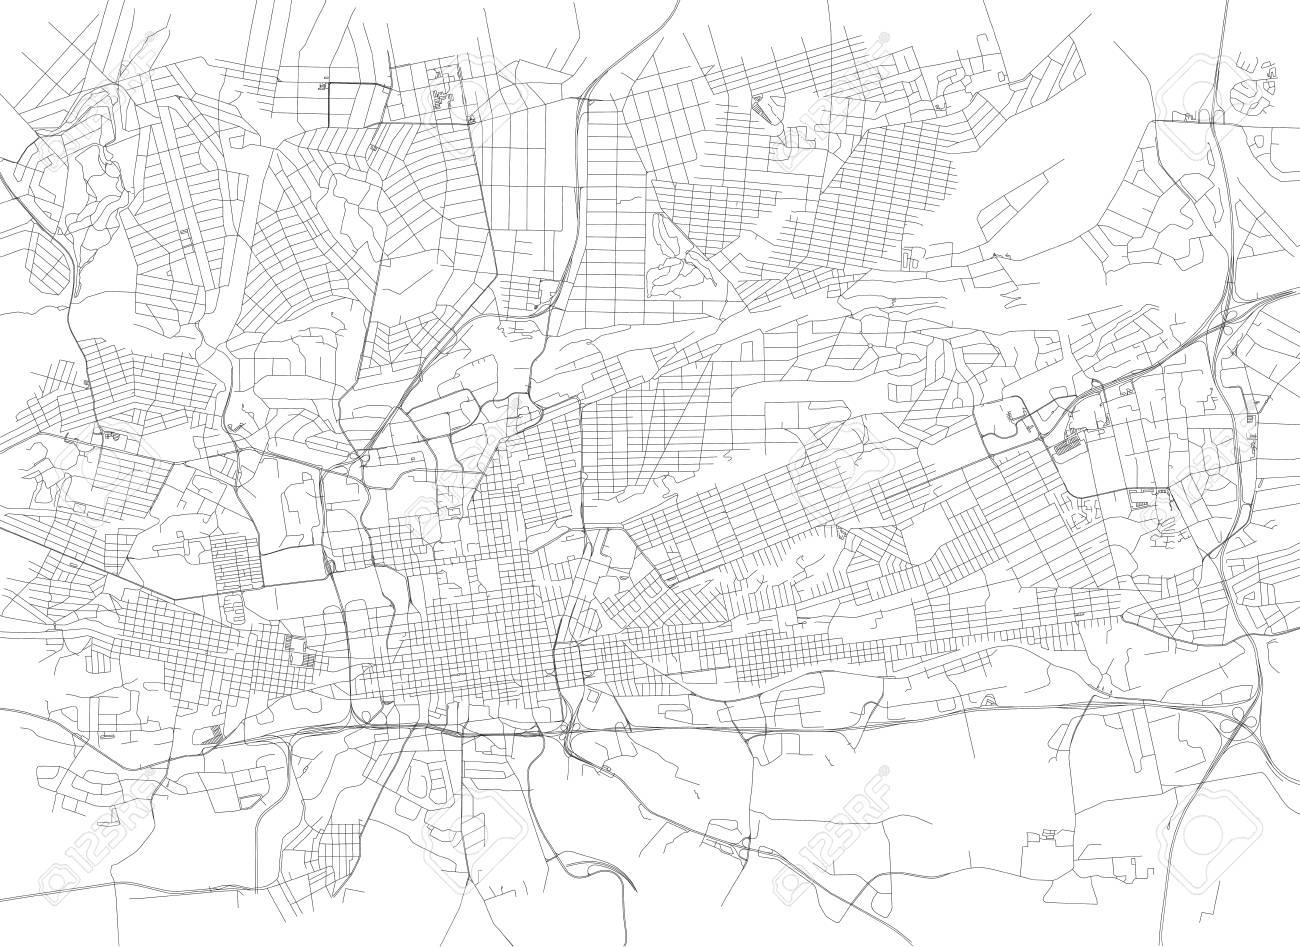 Cartina Muta Del Sudafrica.Vettoriale Strade Di Johannesburg Mappa Della Citta Sud Africa Cartina Stradale Image 90473645